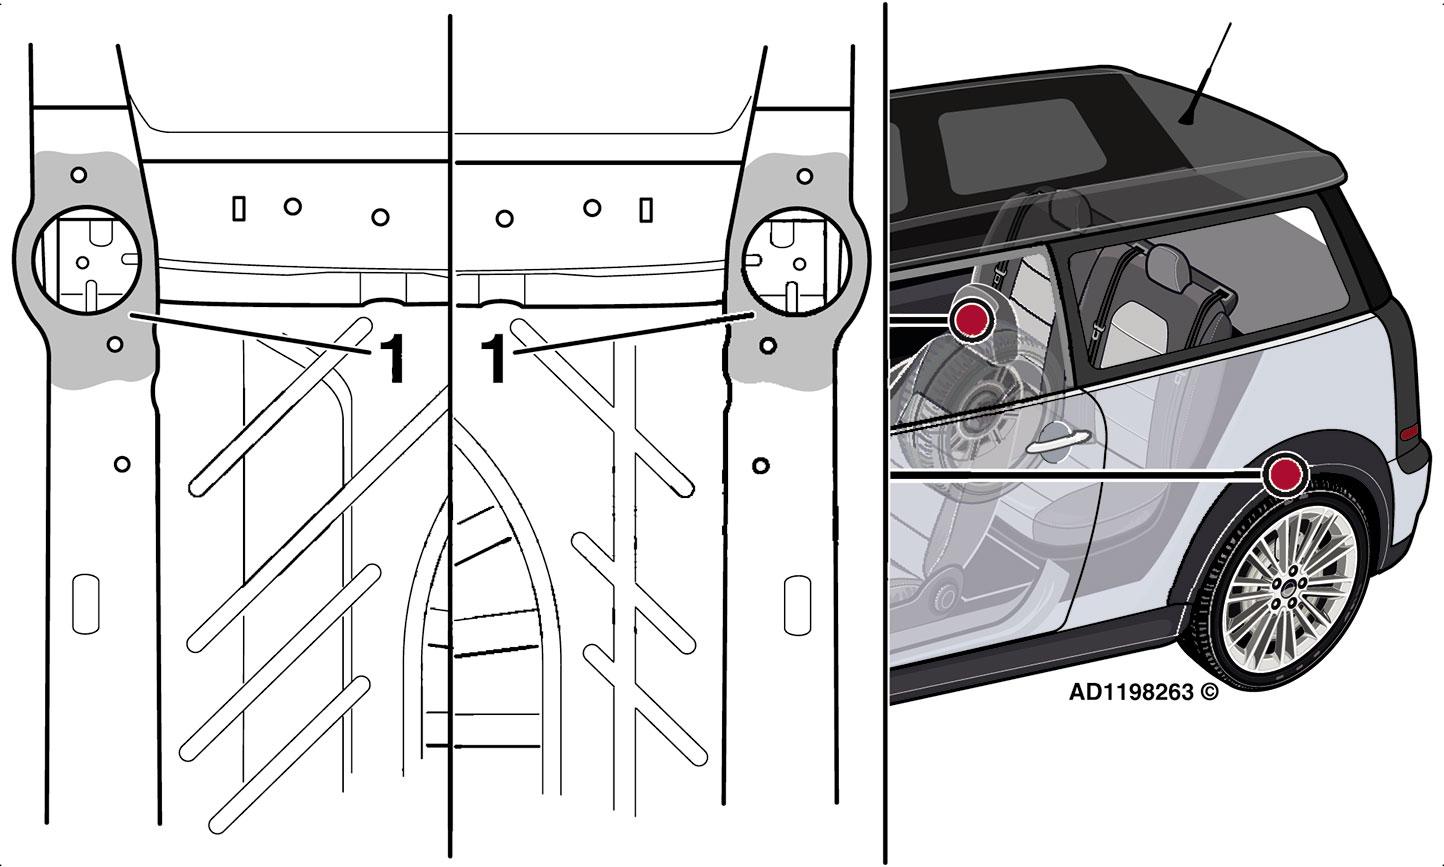 Rys. 2. Odgłos klikania zzawieszenia tylnych kół podczas jazdy po nierównej nawierzchni wMINI Clubman spowodowany jest tym, że górna poduszka amortyzatora ztyłu jest nieprawidłowo umieszczona zpowodu wystających odprysków spawalniczych na podłodze pojazdu